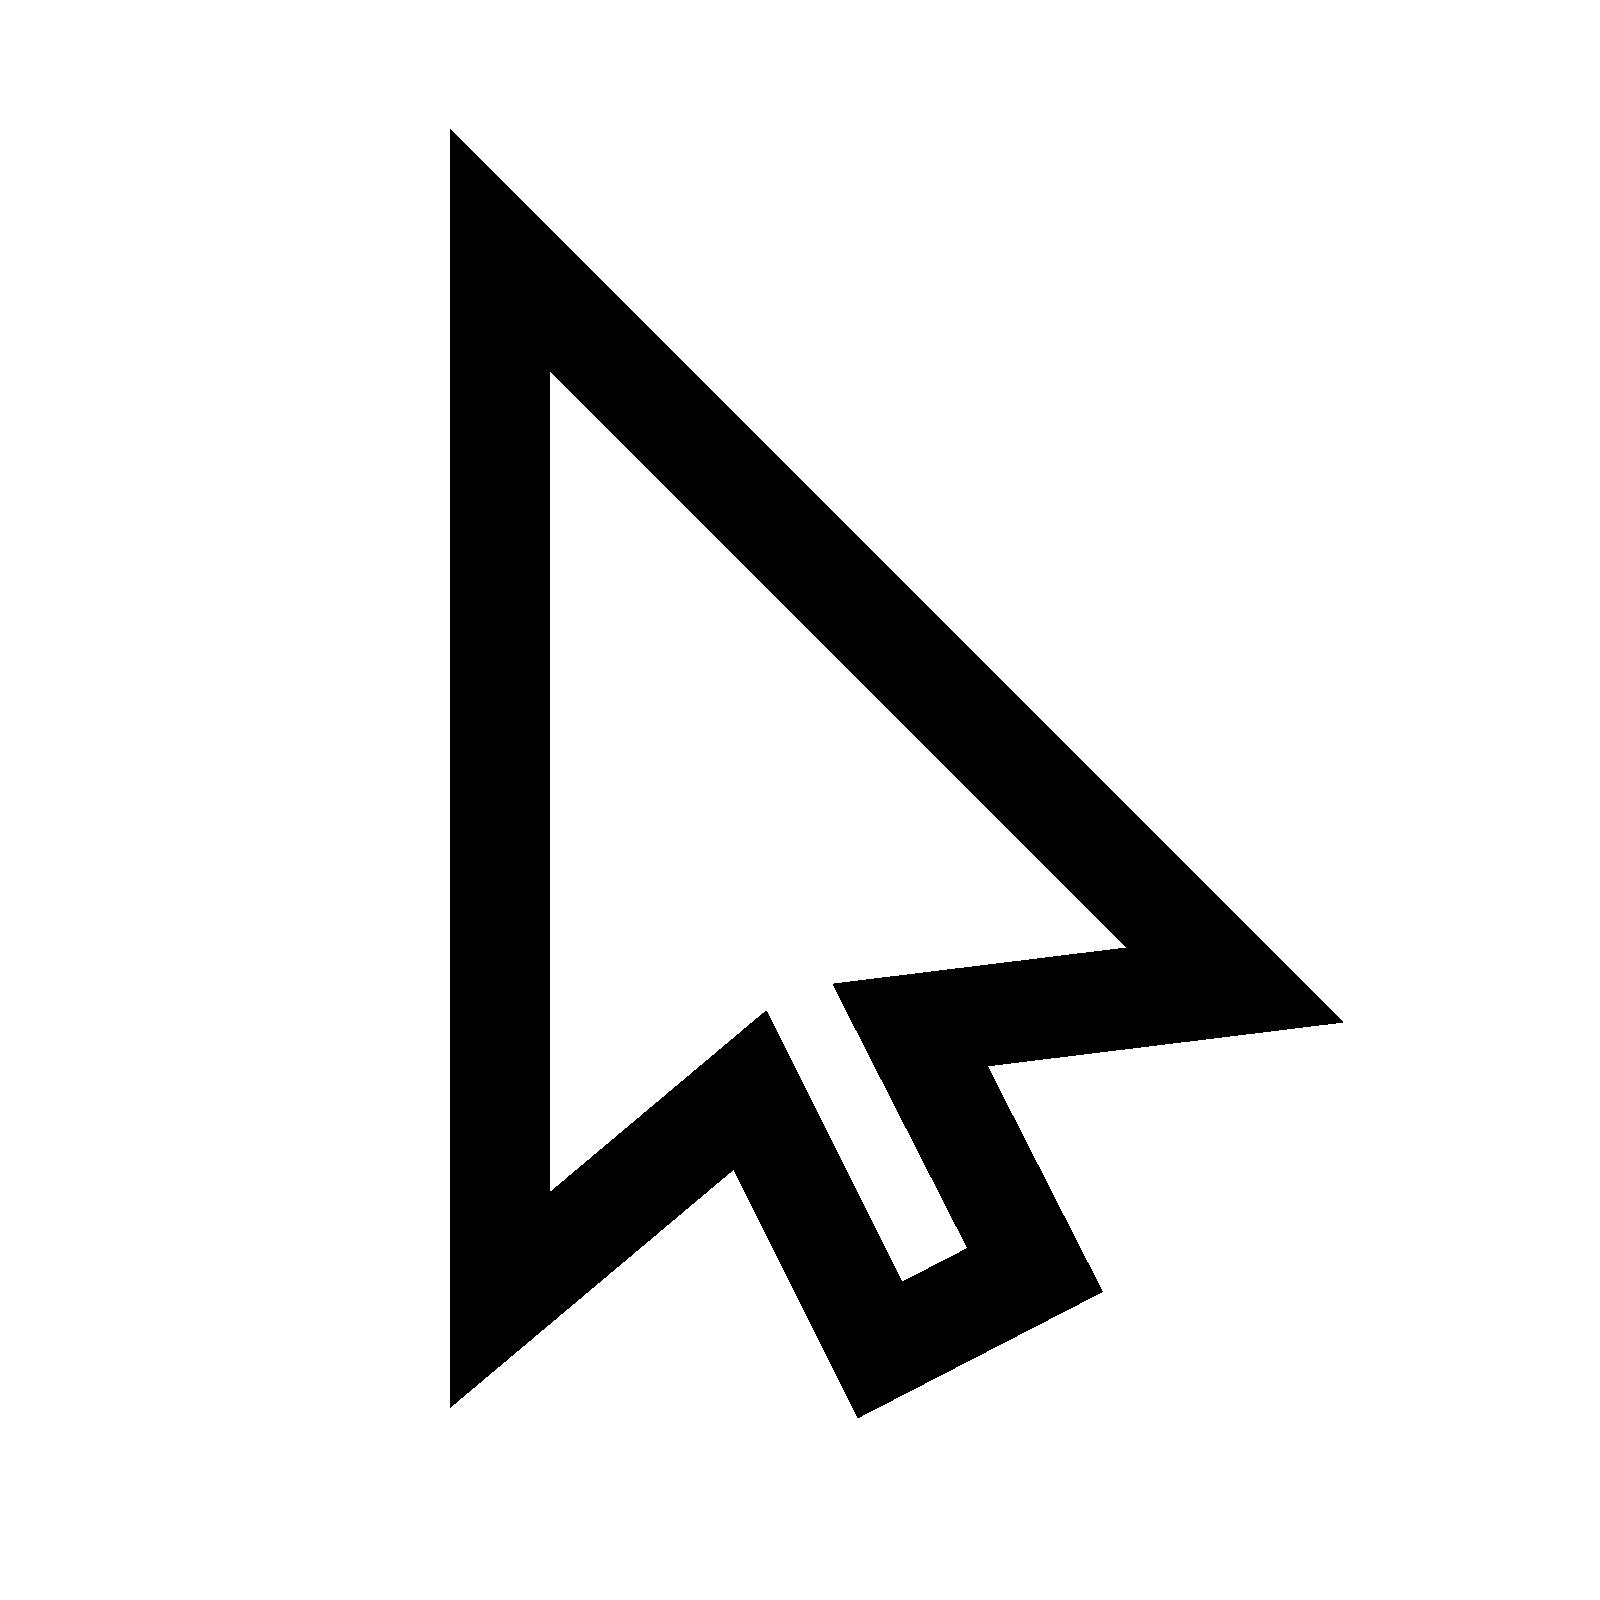 Windows arrow png. Cursor mouse transparent images